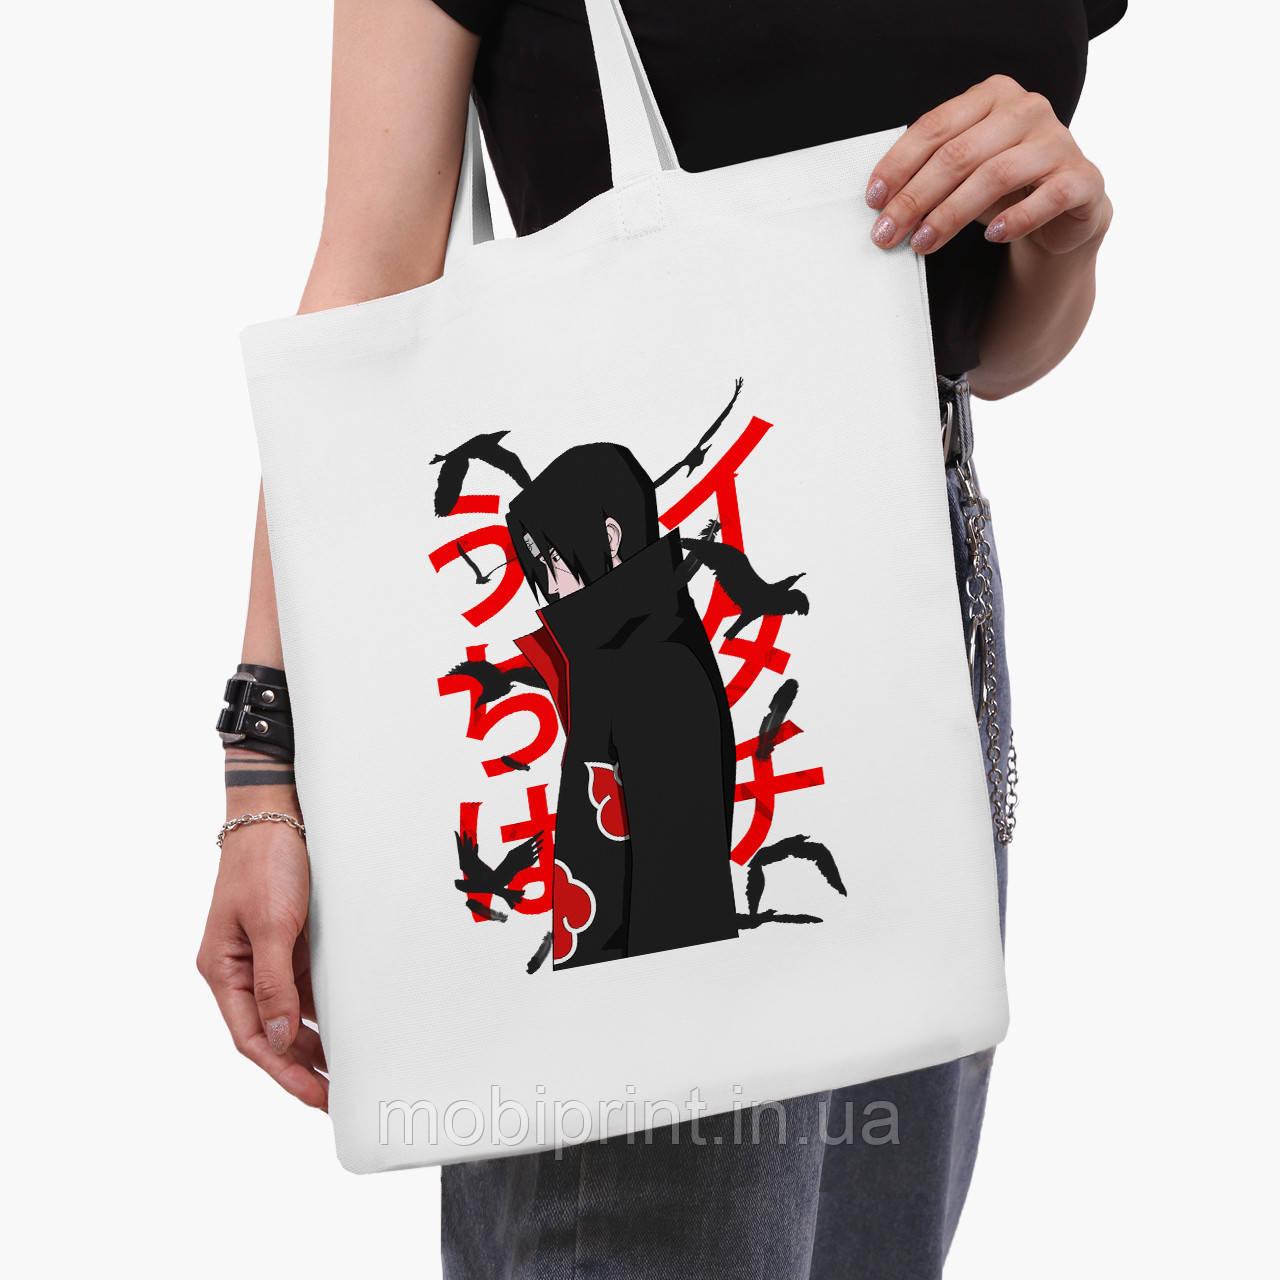 Еко сумка шоппер біла Ітачі Учіха Наруто (Itachi Uchiha) (9227-2817-3) 41*35 см